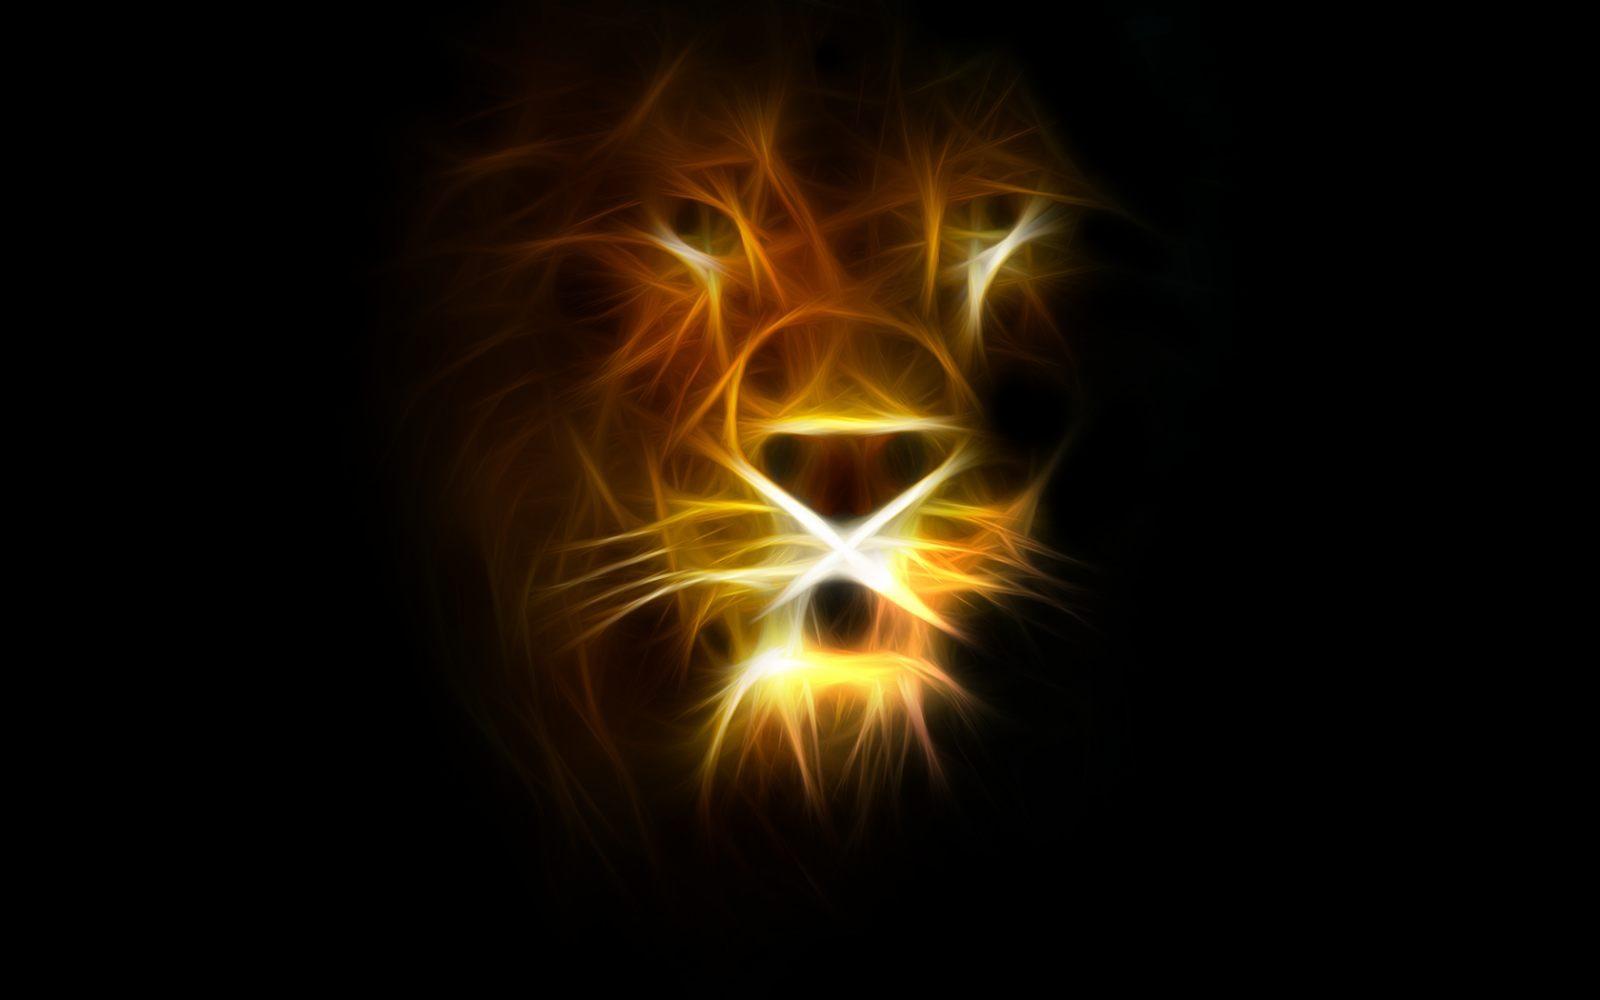 Worksheet. Fondos de pantalla de leones